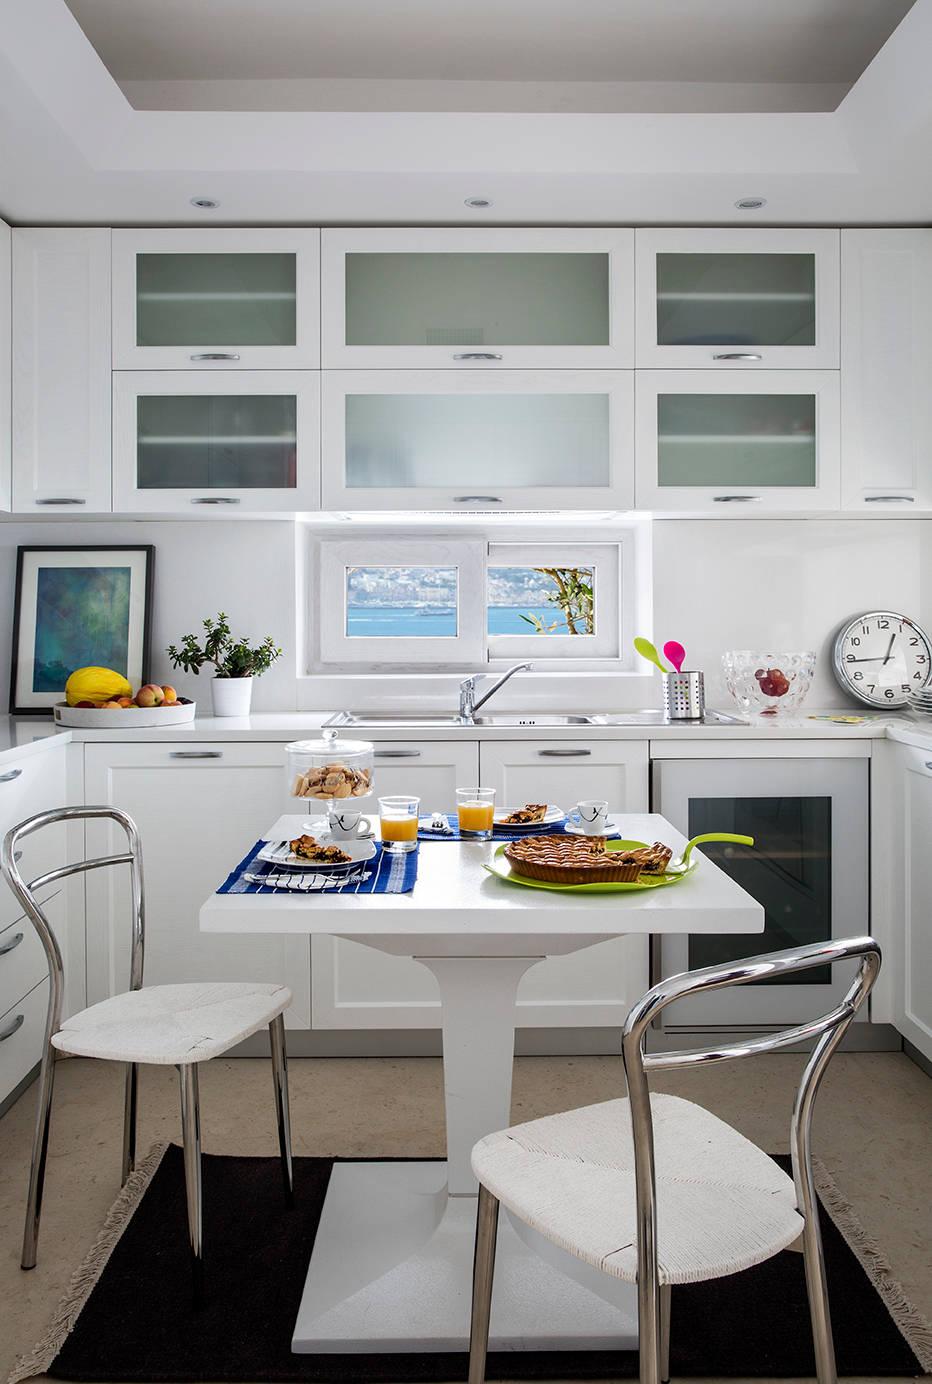 La cucina angolare tra classico e moderno